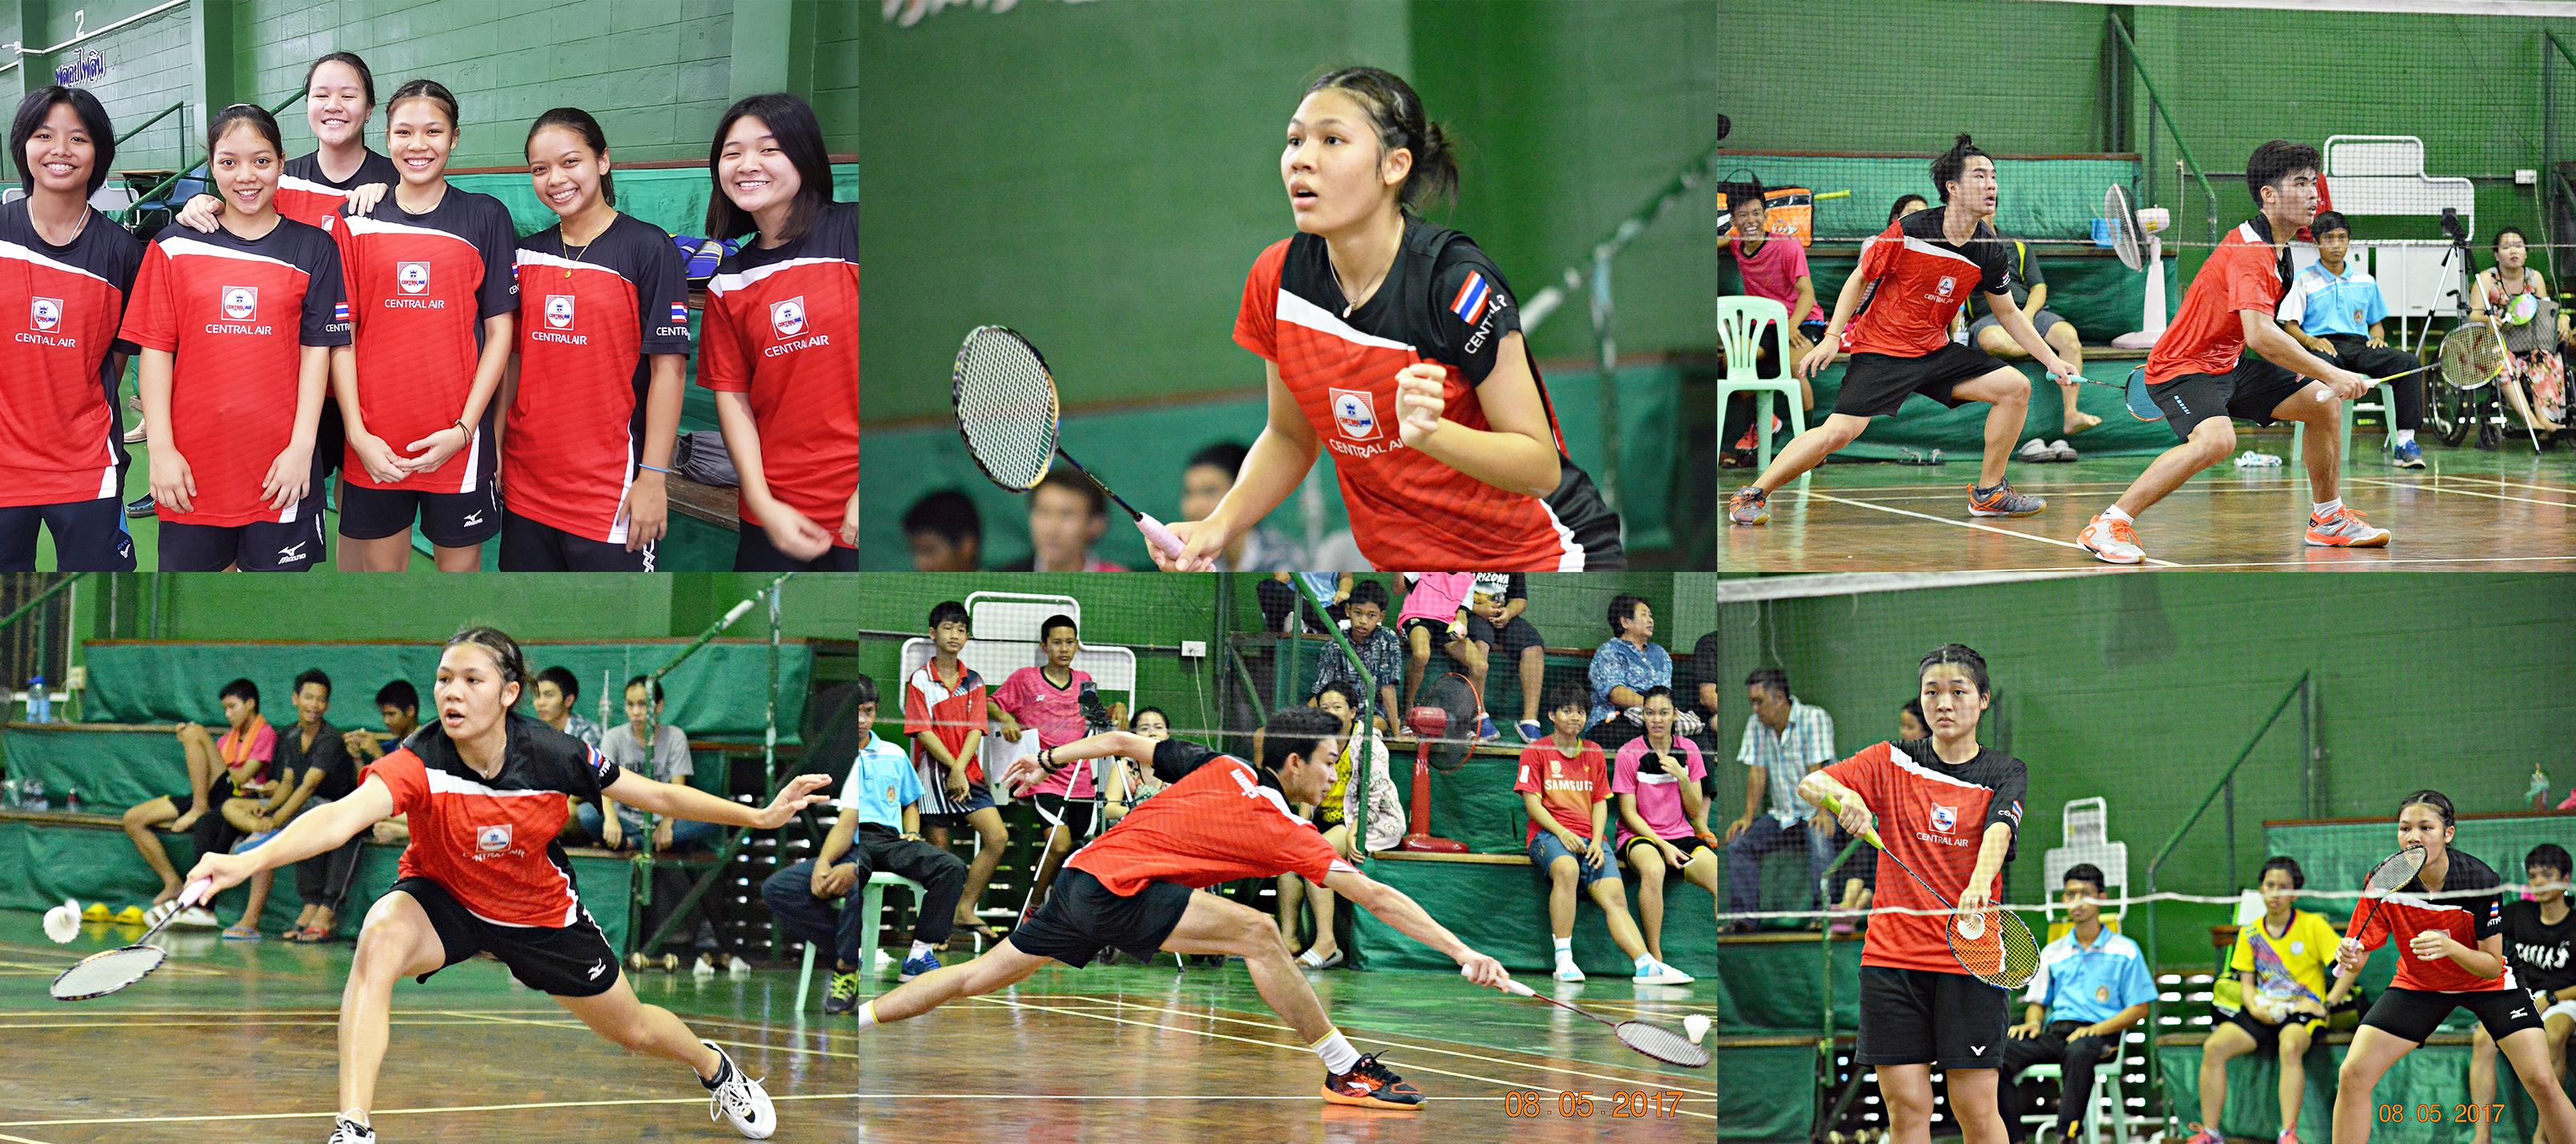 ทีมแบดมินตันนนทบุรี กีฬาแห่งชาติ ครั้งที่ 46 จันทบุรีเกมส์